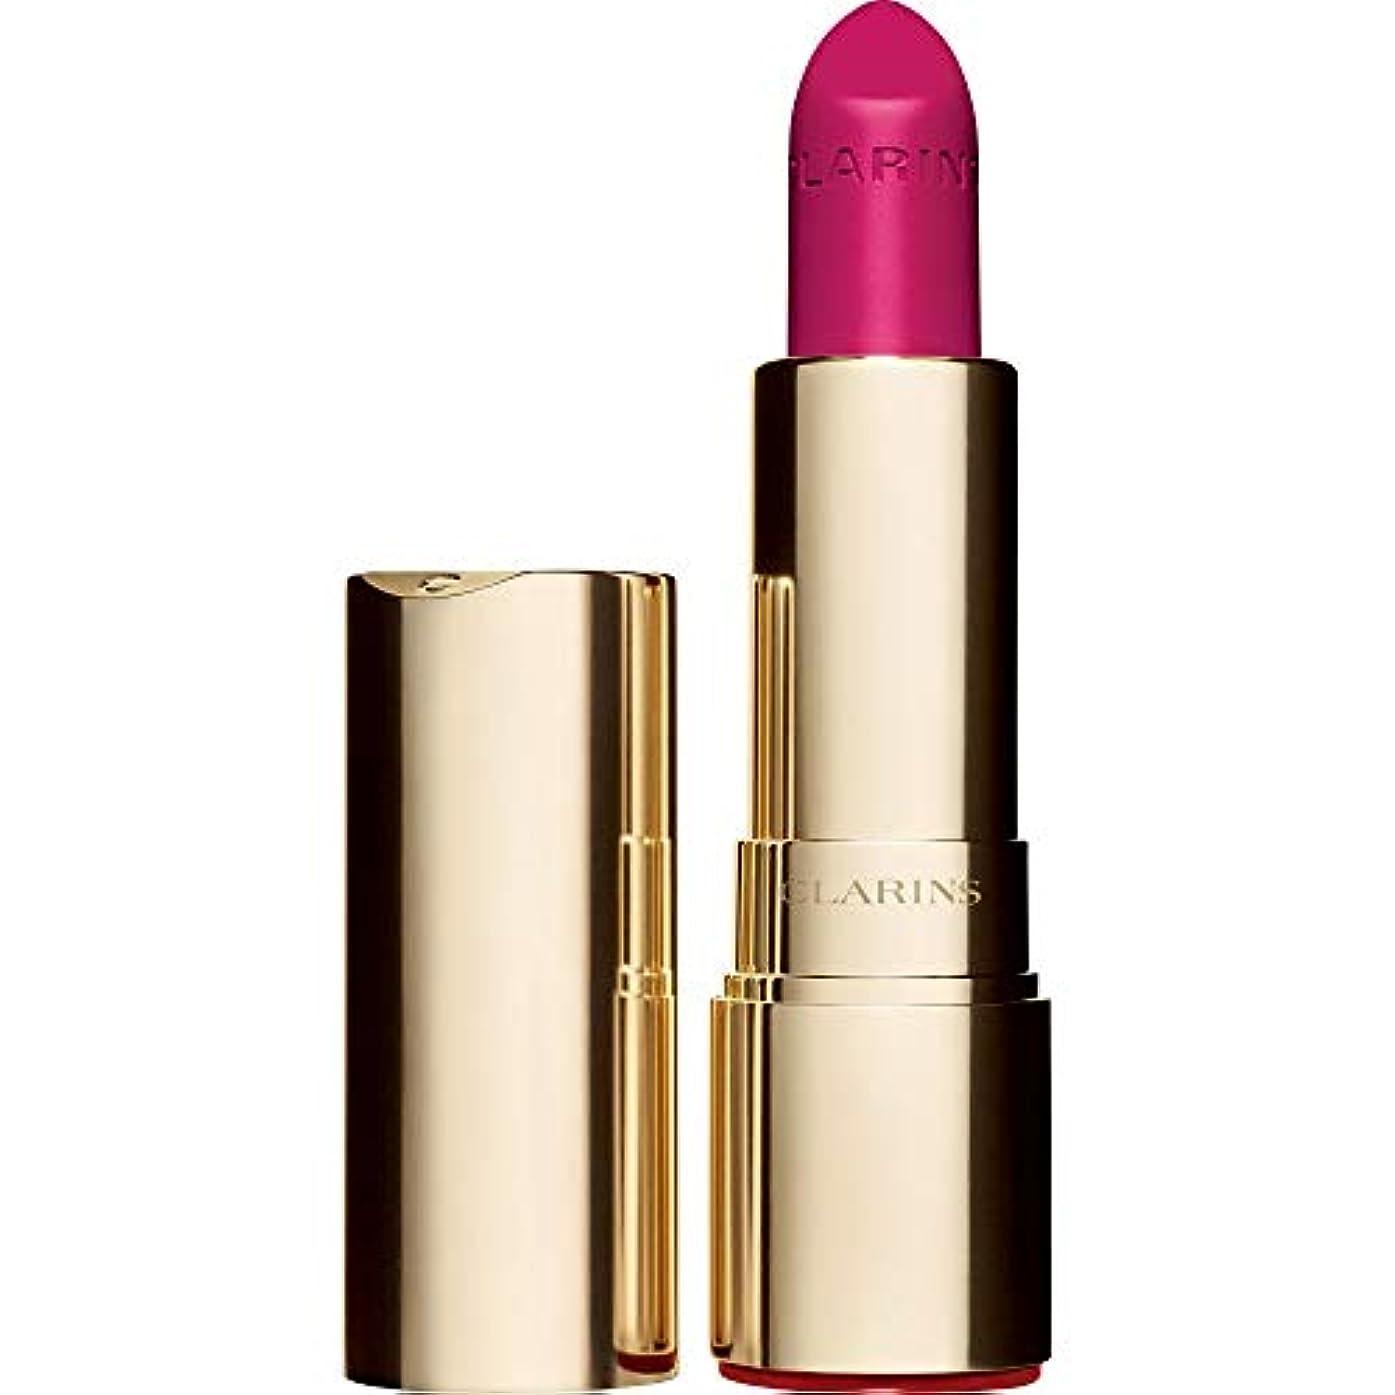 容量銃教会[Clarins ] クラランスジョリルージュのベルベットの口紅3.5グラムの713V - ホットピンク - Clarins Joli Rouge Velvet Lipstick 3.5g 713V - Hot Pink...